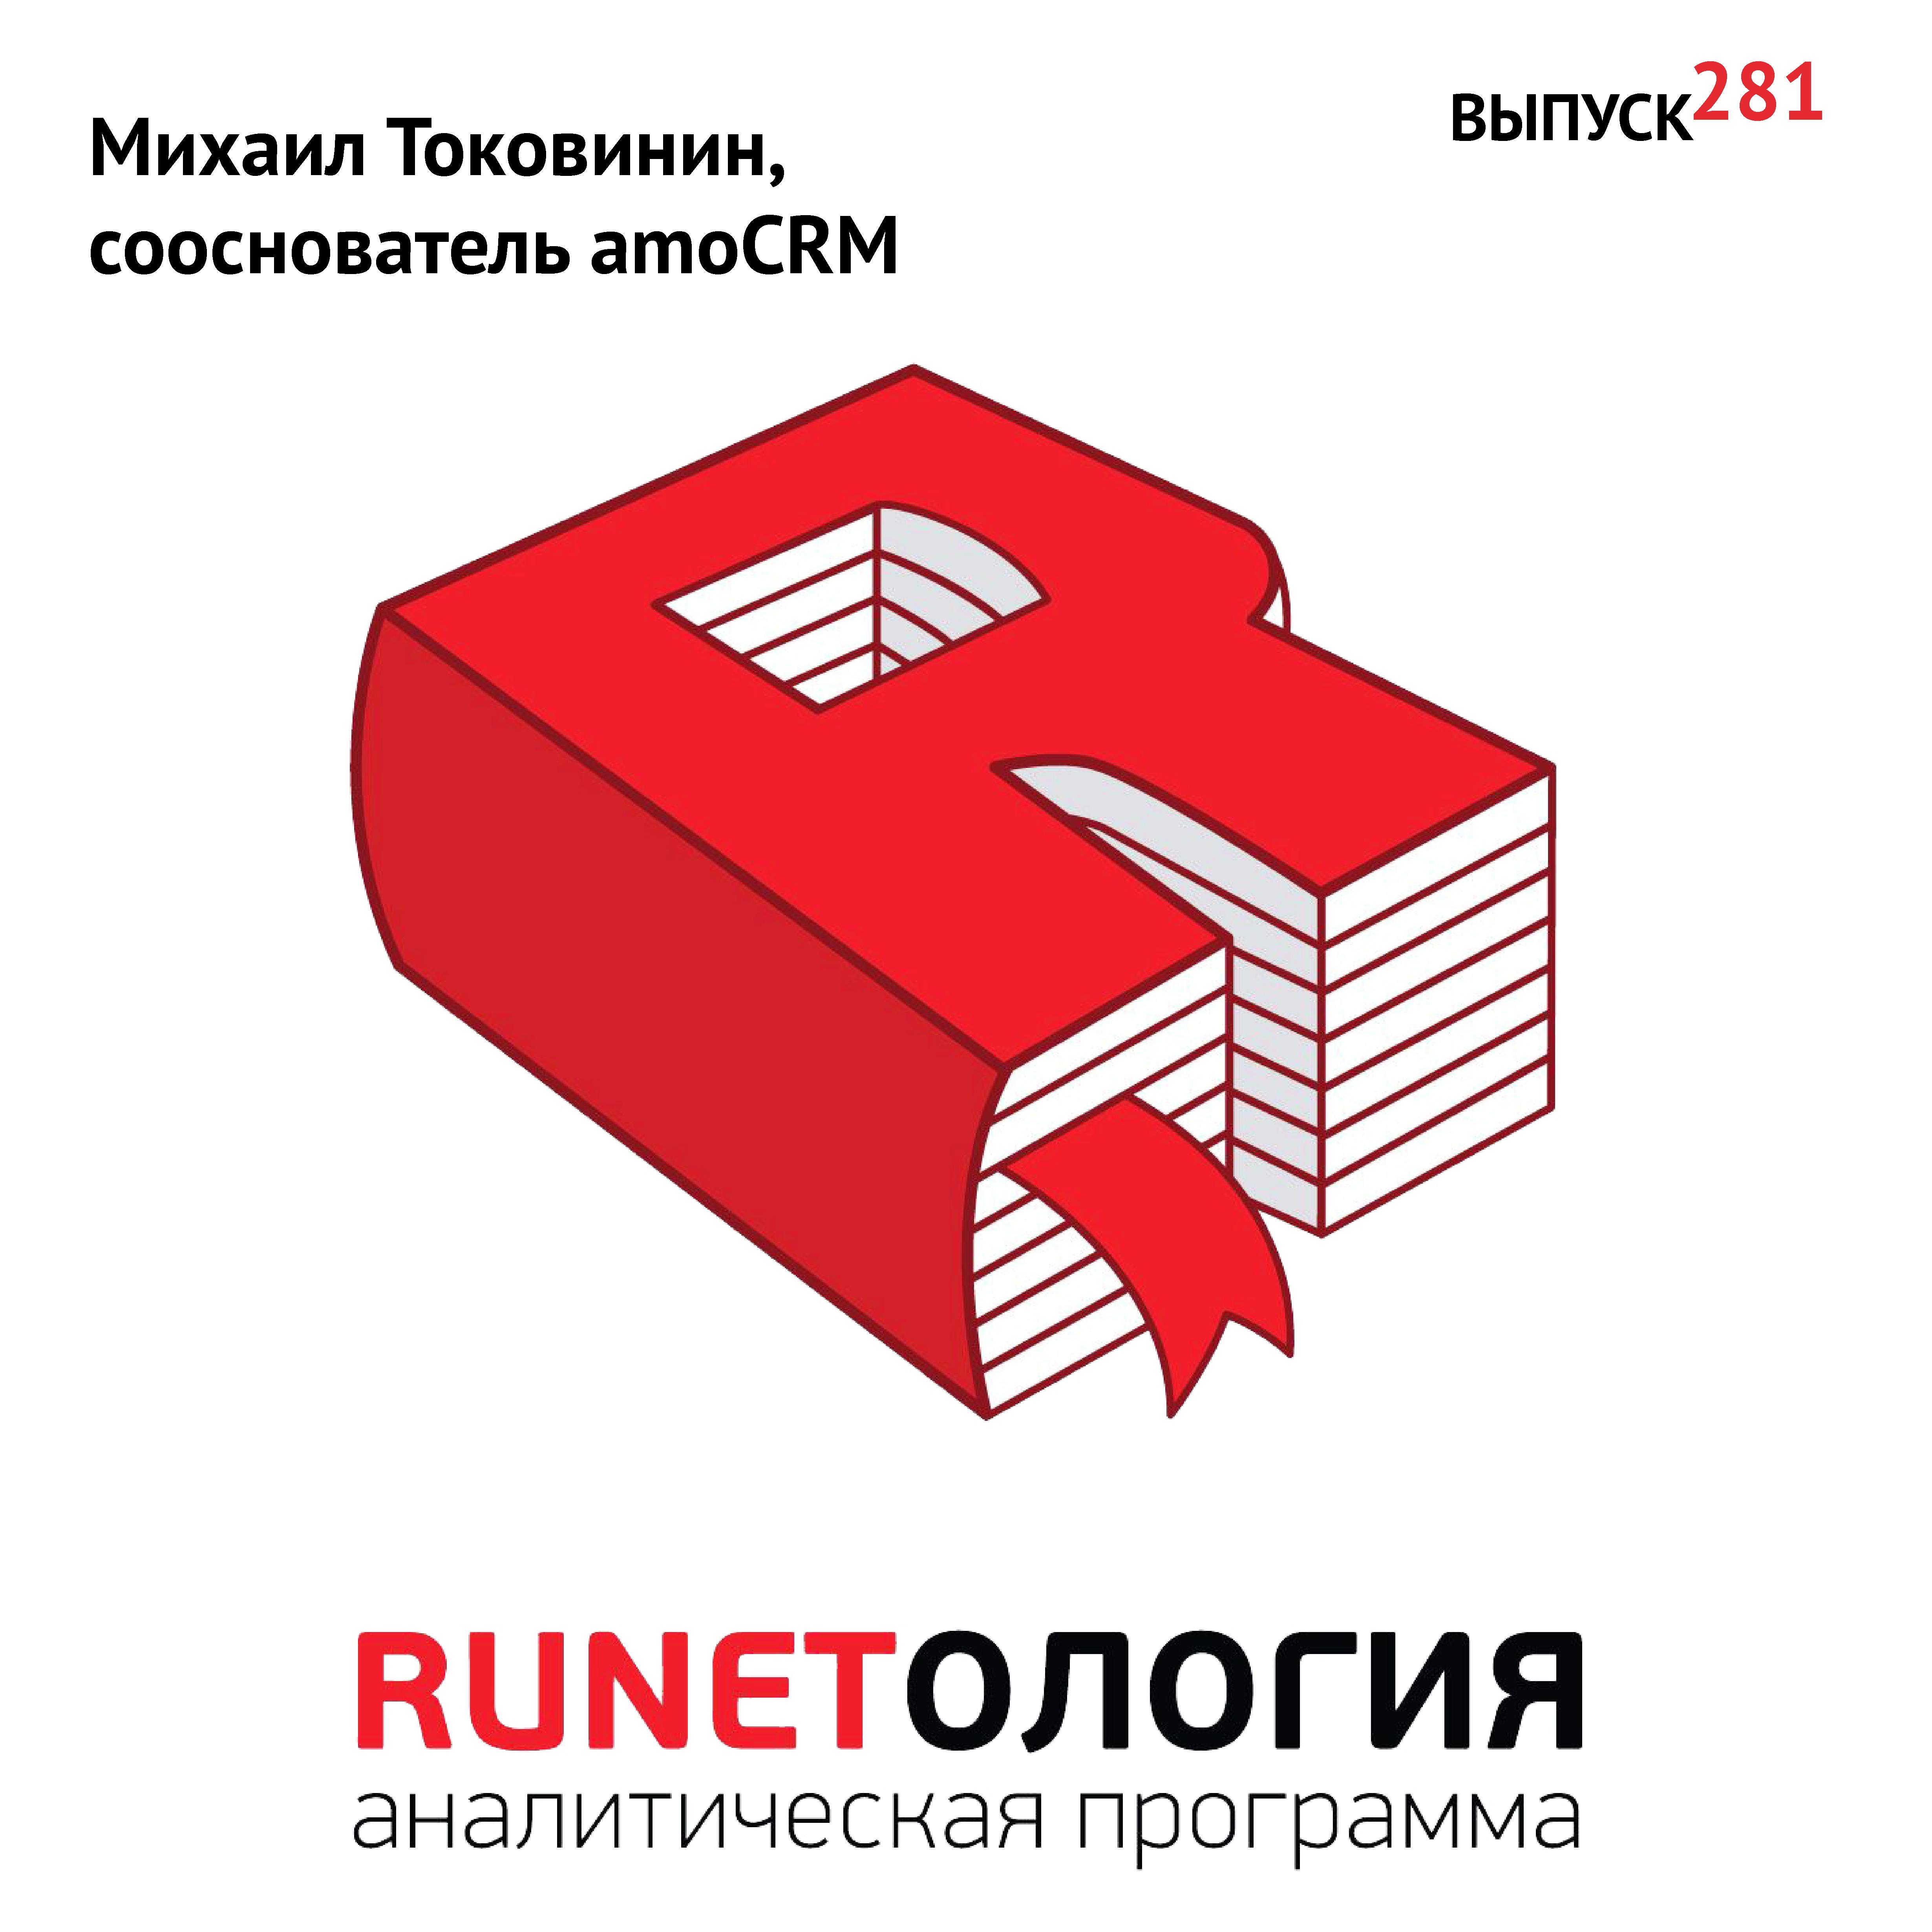 Максим Спиридонов Михаил Токовинин, сооснователь amoCRM максим спиридонов михаил перегудов основатель компании партия еды